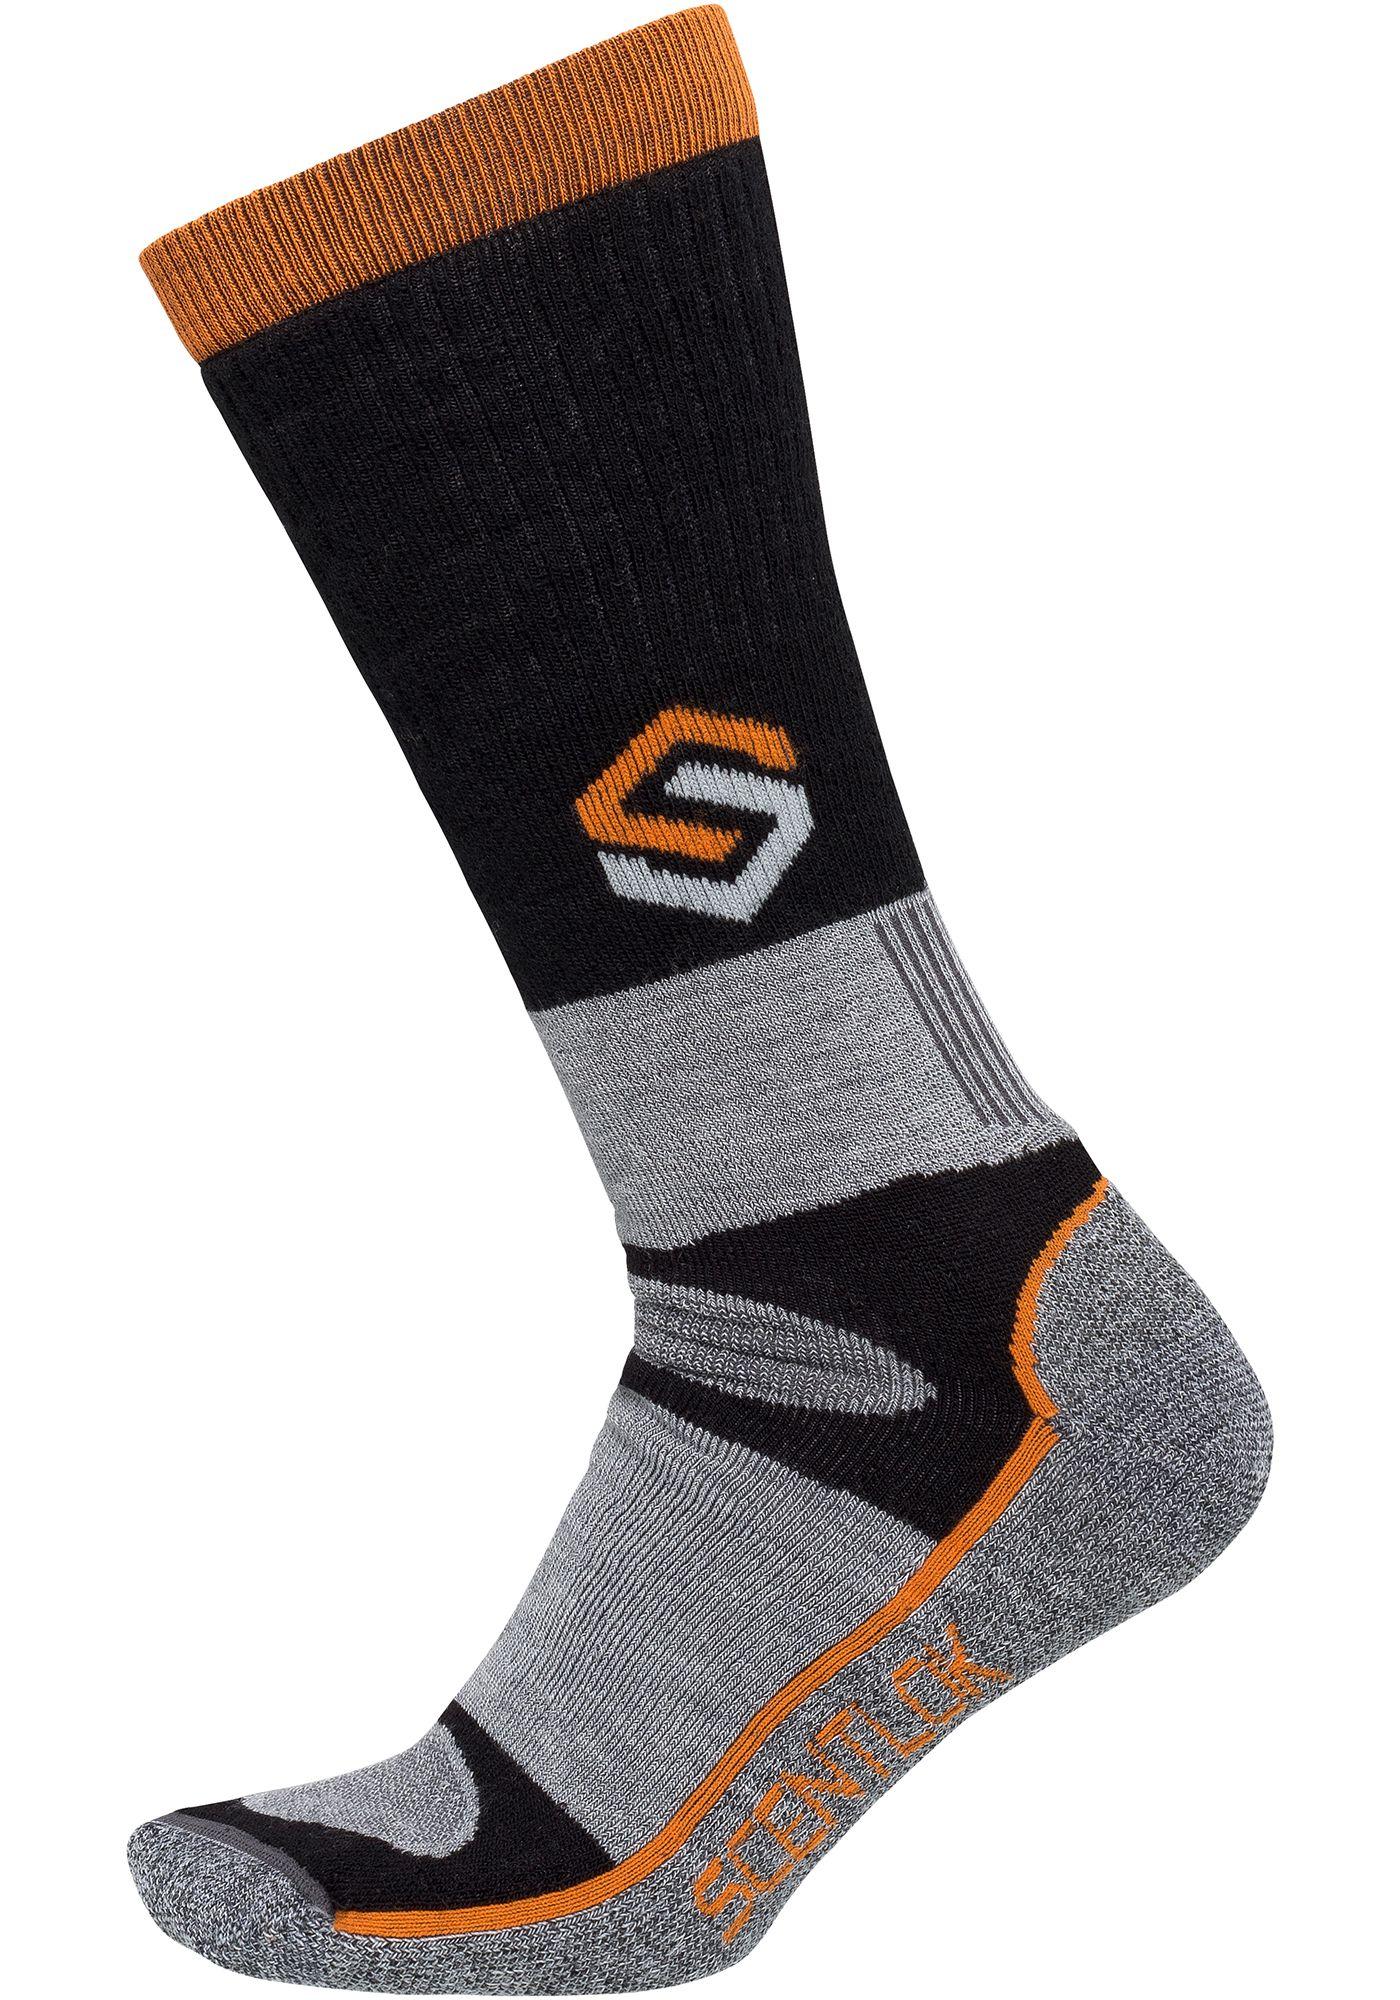 ScentLok Men's Merino Thermal Crewmax Outdoor Socks